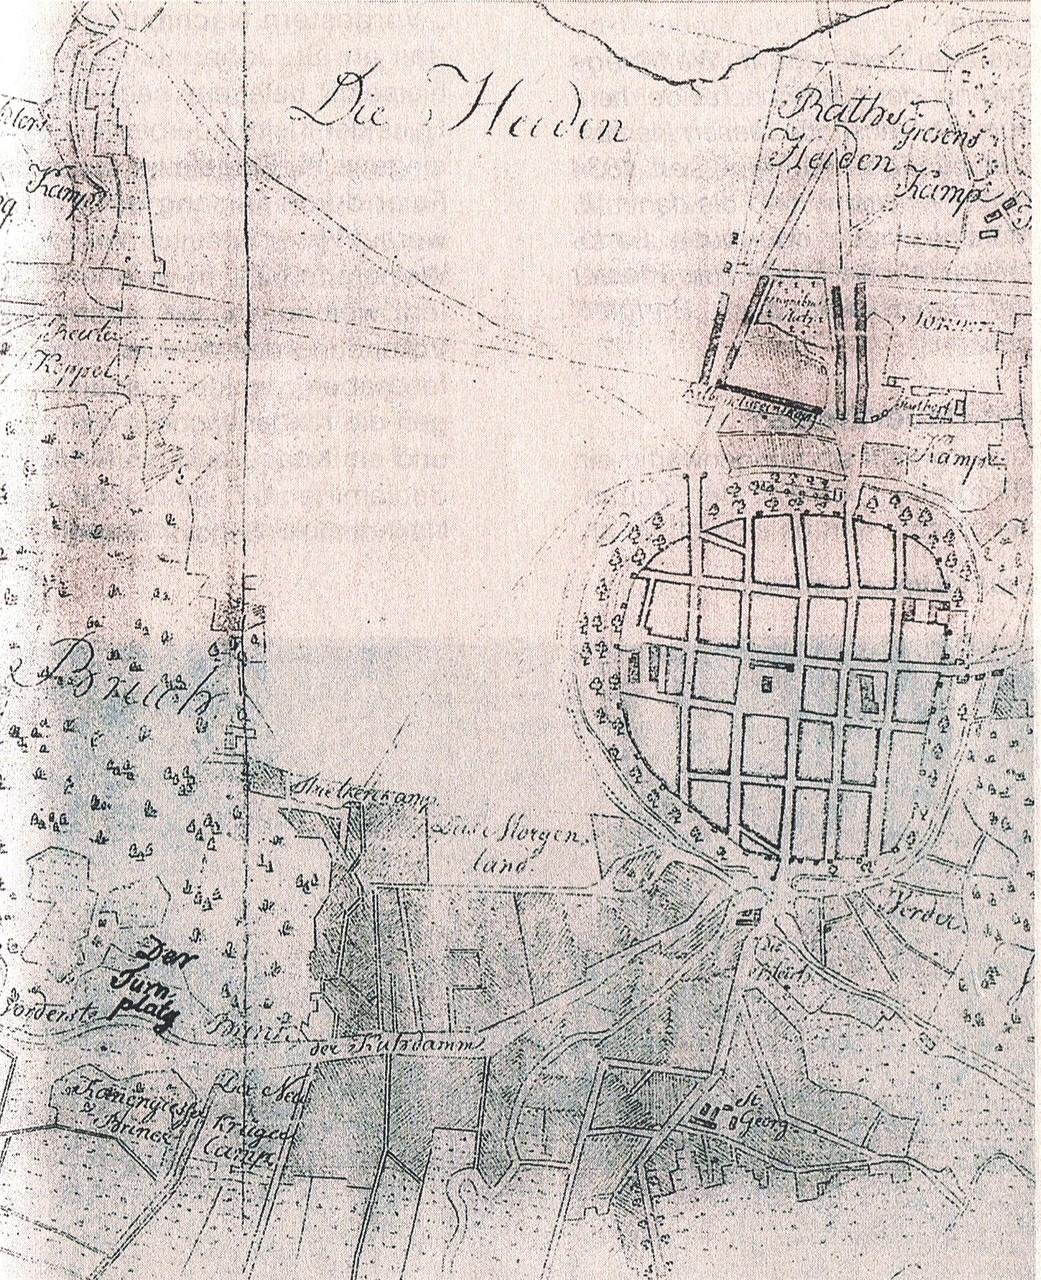 Der Ausschnitt aus der 2820 gefertigten Umgebungskarte von Neubrandenburg zeigt, dass es da bereits den Krügerkamp gab und die Jahnstraße noch Kuhdamm hieß.